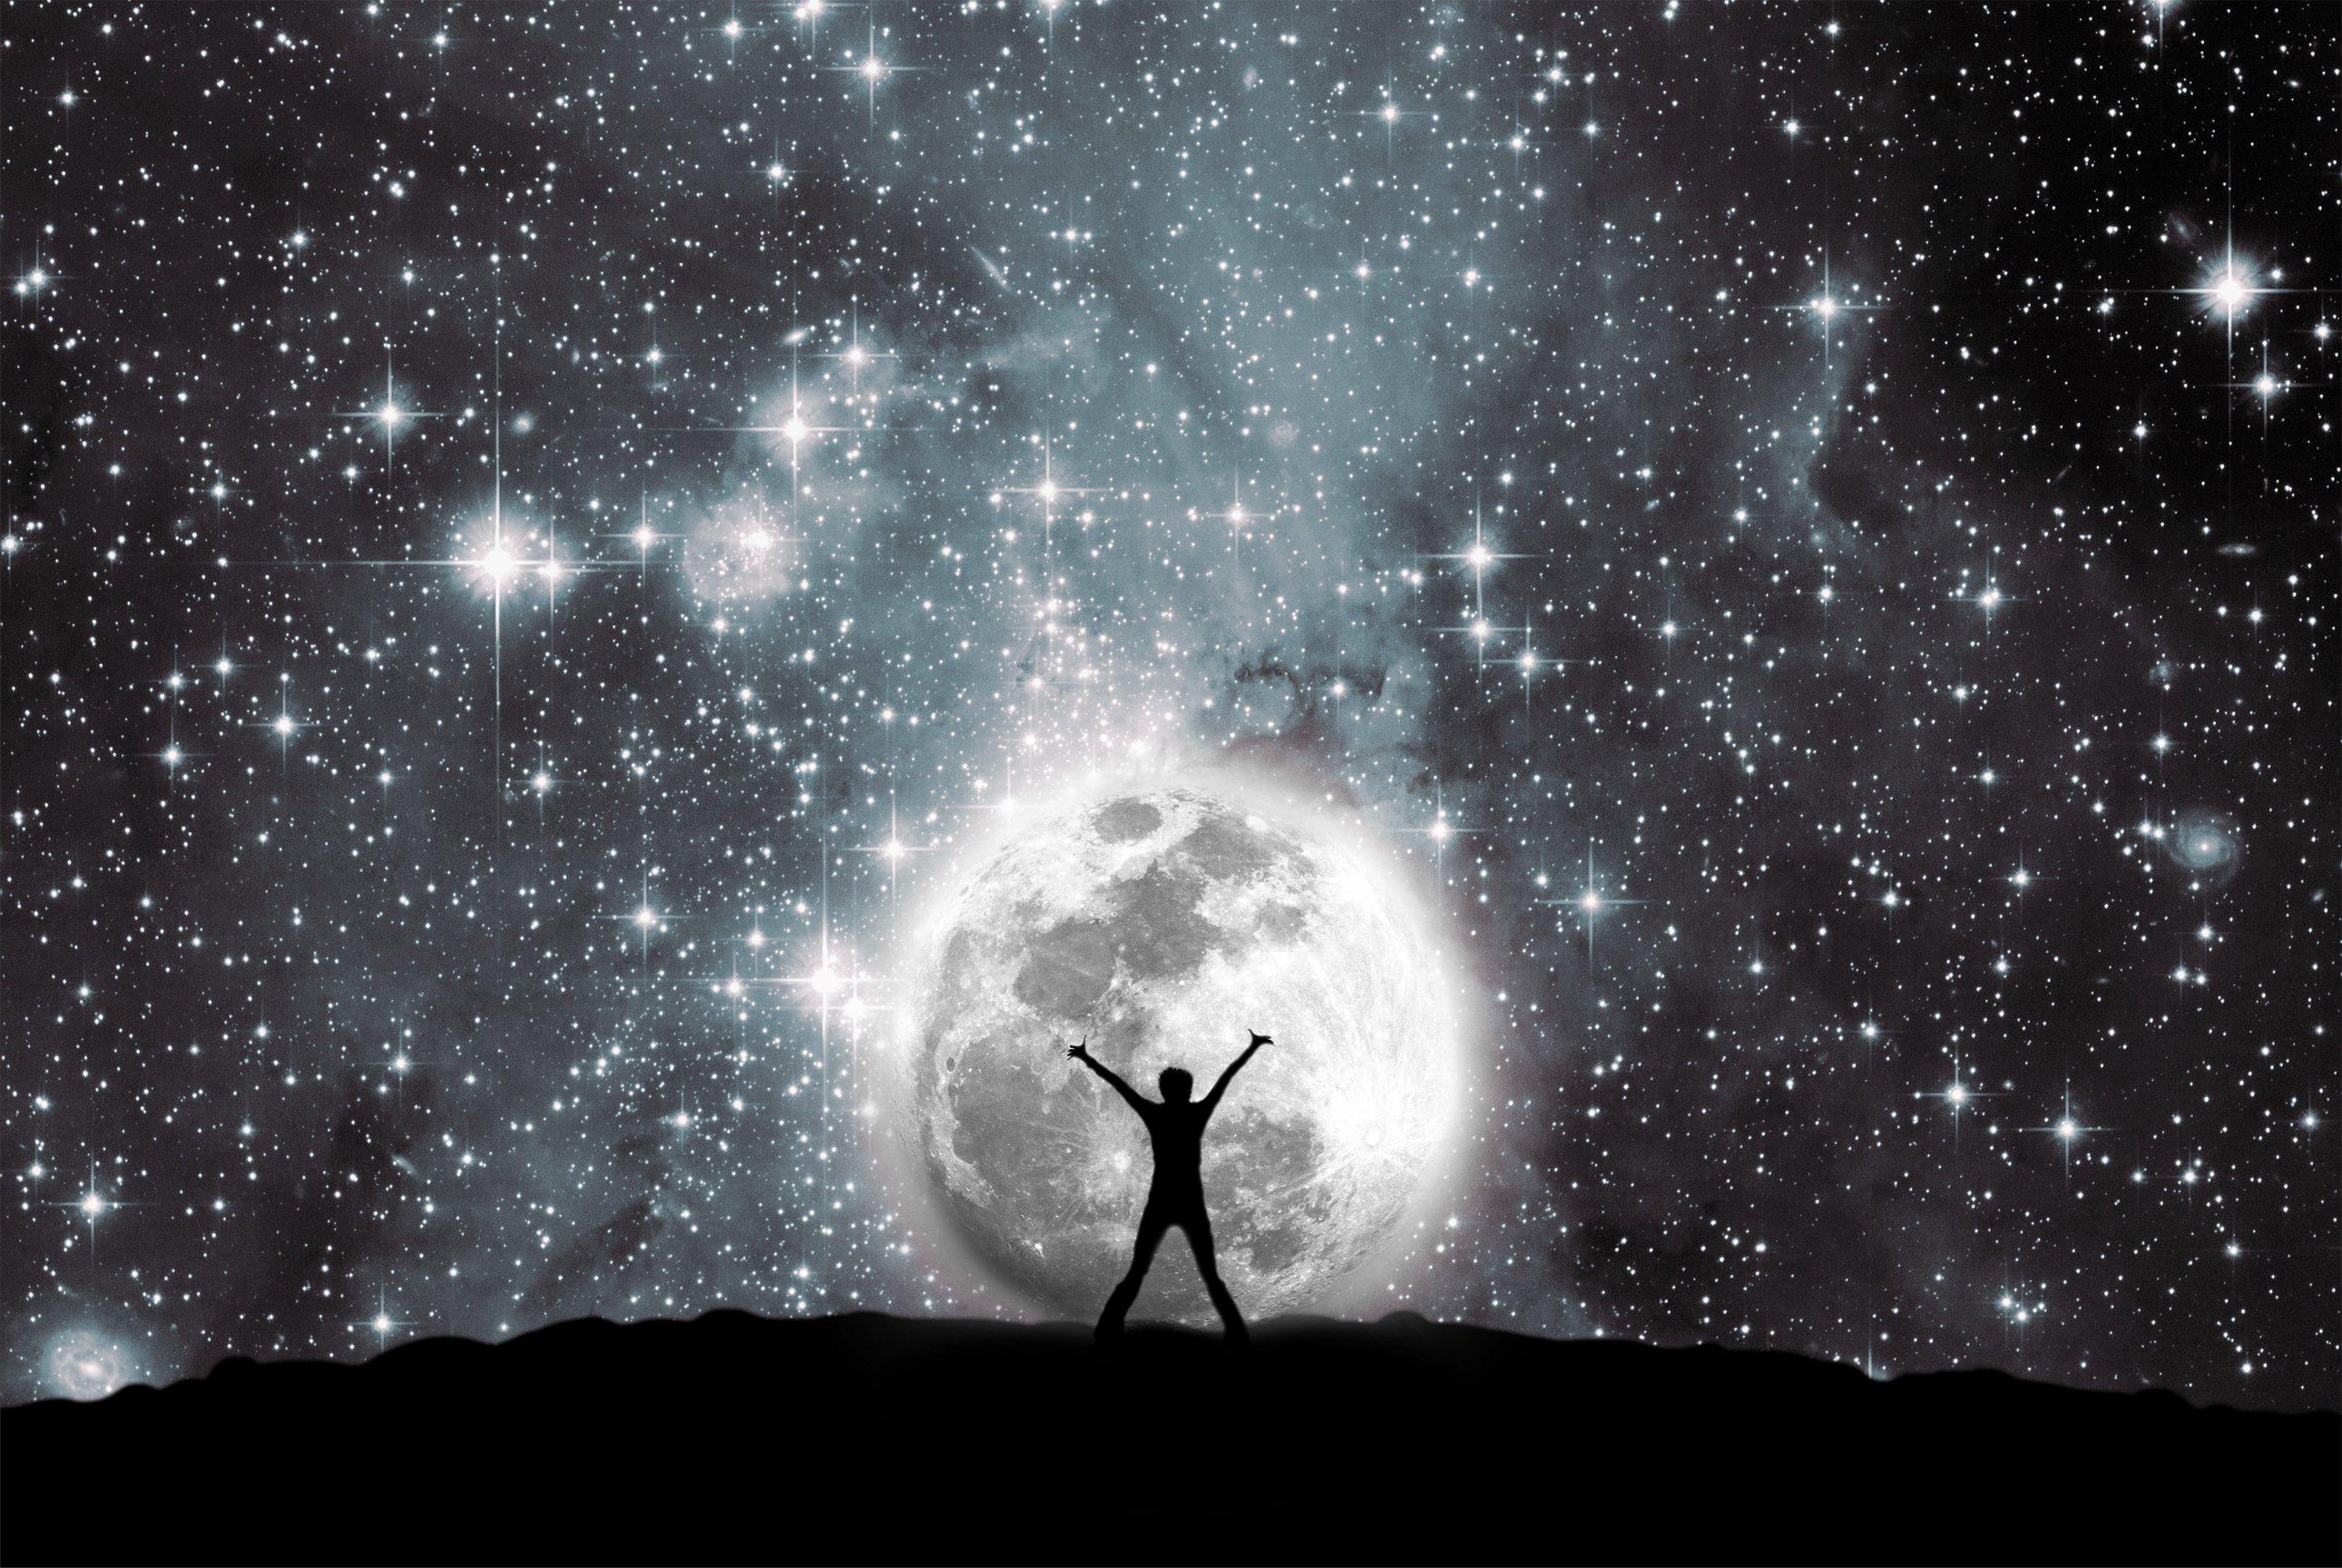 Silueta de hombre a contraluz contra la Luna y noche estrellada || Fuente: Shutterstock